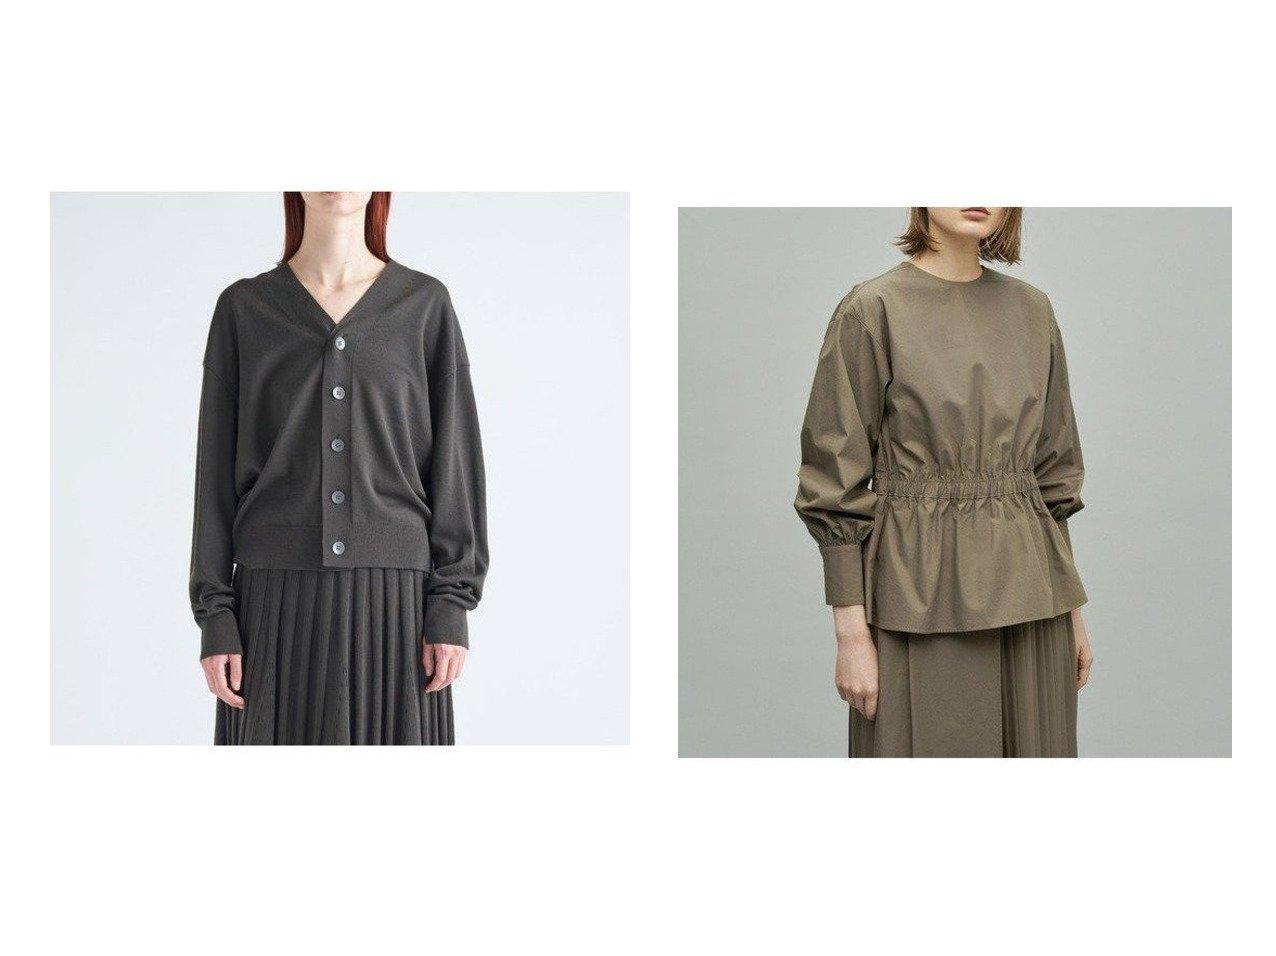 【ATON/エイトン】のオーバーサイズカーディガン(UNISEX)&【uncrave/アンクレイヴ】のコットンペプラム ブラウス トップス・カットソーのおすすめ!人気、トレンド・レディースファッションの通販 おすすめで人気の流行・トレンド、ファッションの通販商品 メンズファッション・キッズファッション・インテリア・家具・レディースファッション・服の通販 founy(ファニー) https://founy.com/ ファッション Fashion レディースファッション WOMEN トップス Tops Tshirt カーディガン Cardigans シャツ/ブラウス Shirts Blouses カーディガン ギャザー パターン ベーシック メンズ UNISEX 送料無料 Free Shipping コンシャス タイプライター ペプラム  ID:crp329100000011127